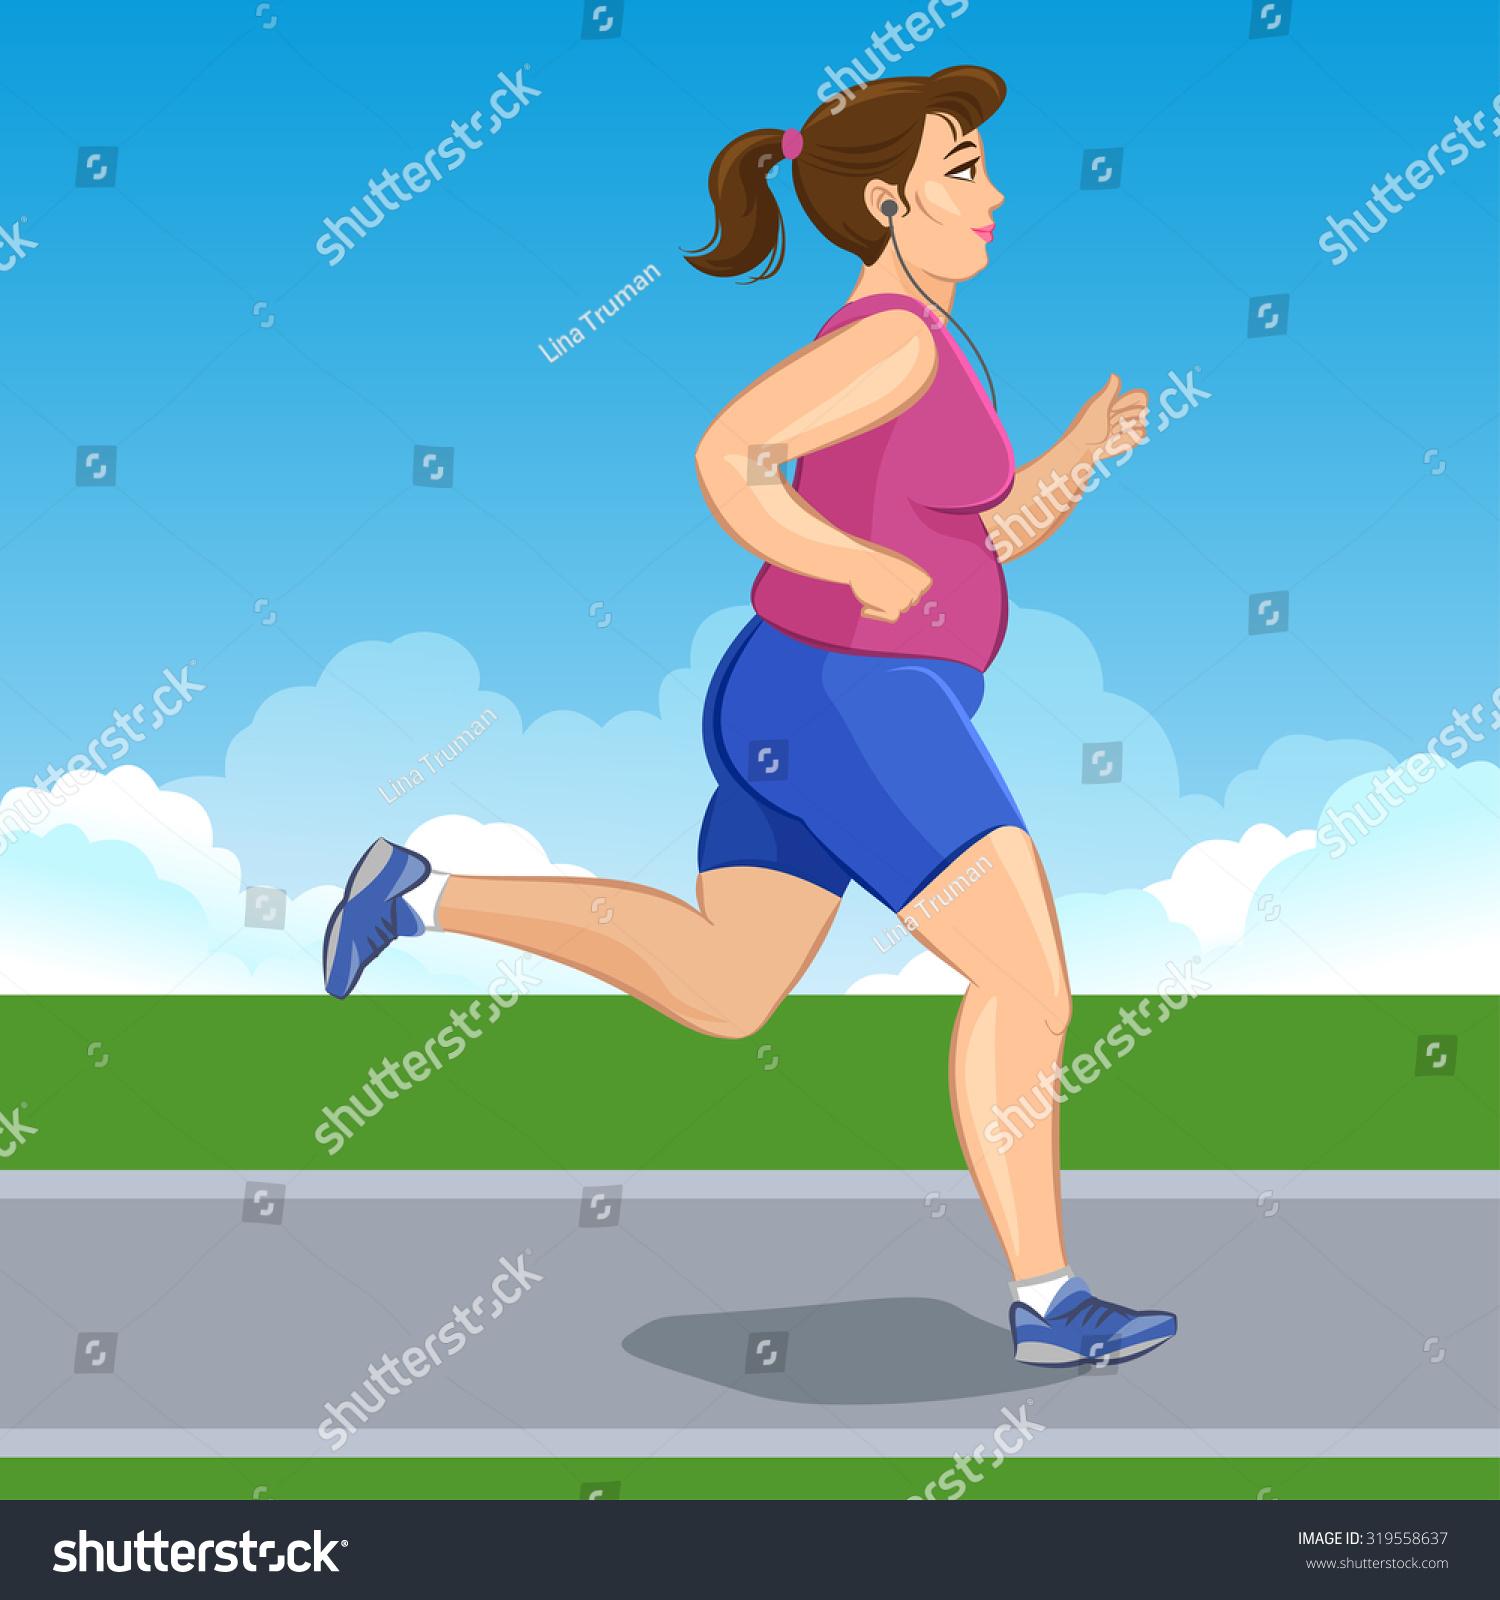 插图漫画的胖女孩慢跑,减肥概念,有氧训练,健康意识概念跑步的女人。 - 人物,运动/娱乐活动 - 站酷海洛创意正版图片,视频,音乐素材交易平台 - Shutterstock中国独家合作伙伴 - 站酷旗下品牌